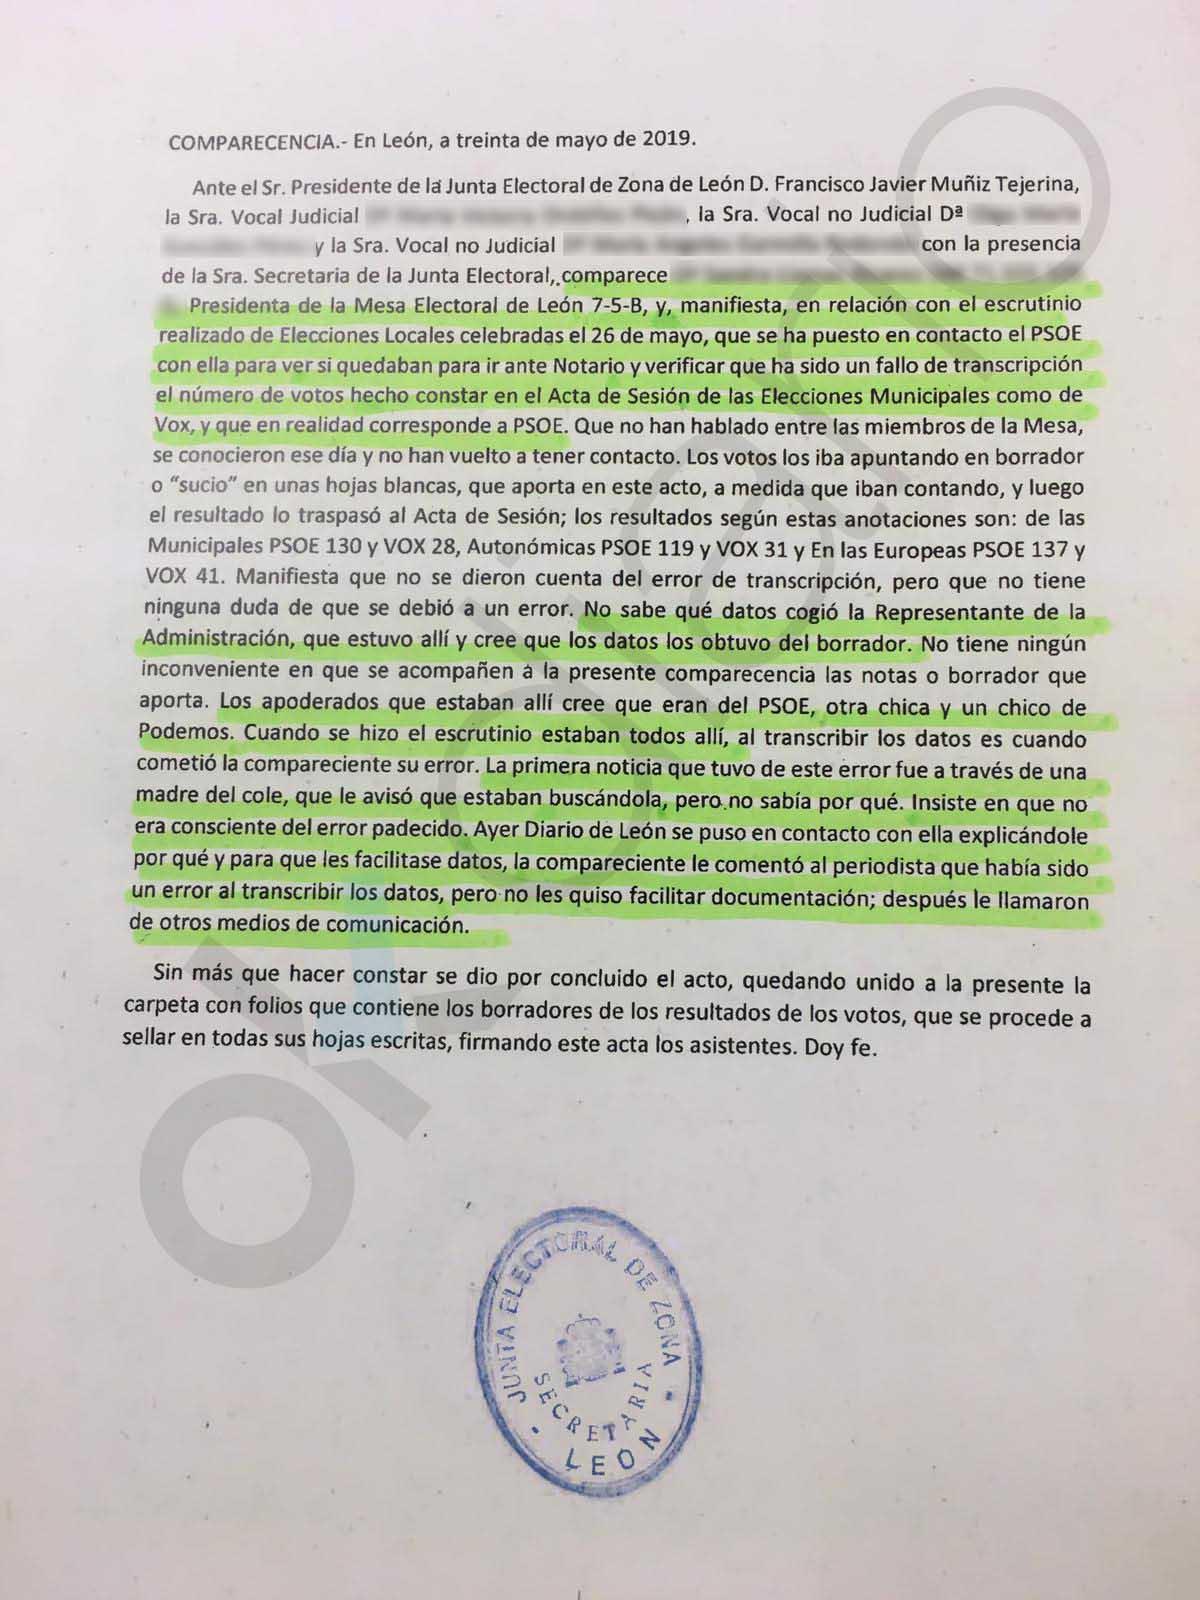 El PSOE 'convenció' a dos vocales para cambiar el resultado de la mesa que le da la Alcaldía de León